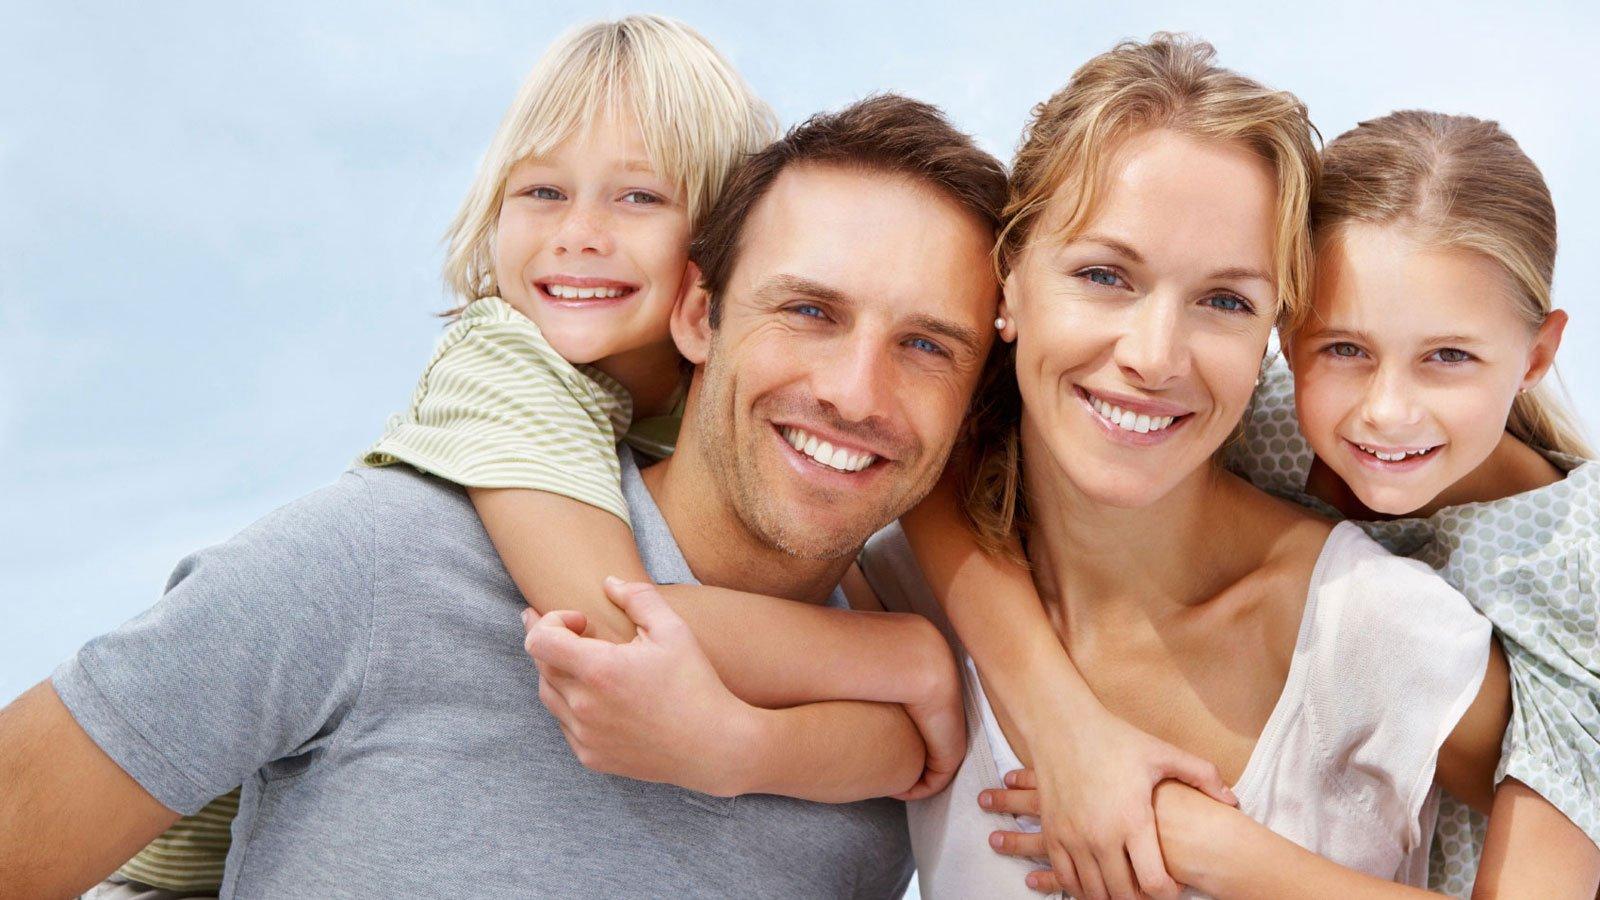 Creative Family Photos